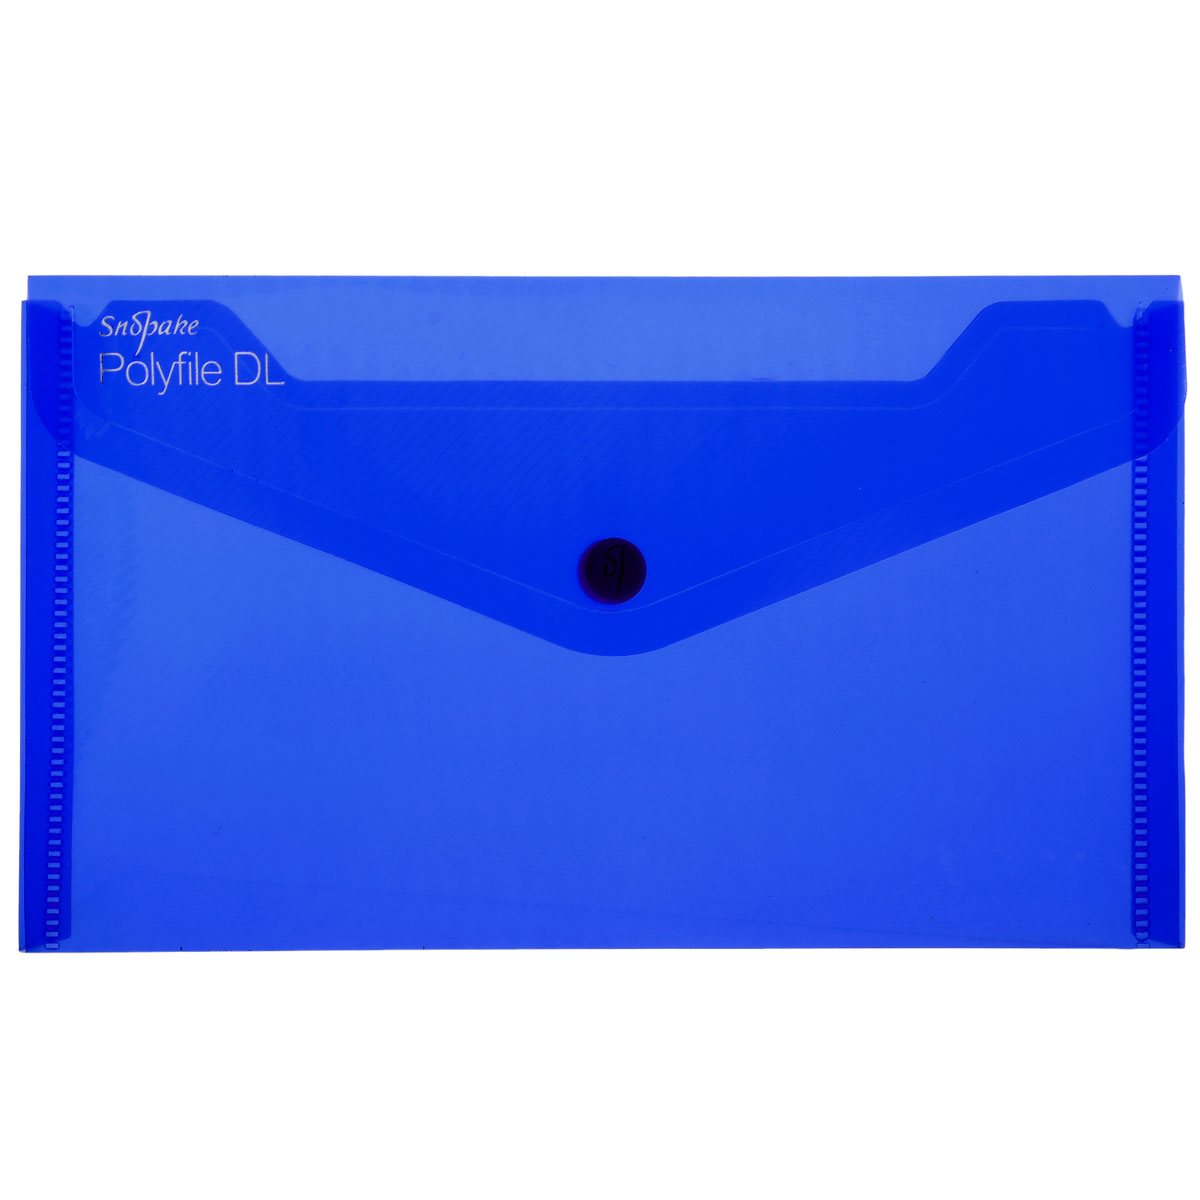 Папка-конверт на кнопке Snopake Polifile DL: Electra, цвет: синийK10035_синийПапка-конверт на кнопке Snopake Polifile DL: Electra это удобный и функциональный инструмент, предназначенный для хранения и транспортировки документов.Папка изготовлена из прочного пластика с рельефной текстурой, закрывается клапаном на кнопку. Содержит одно отделение, которое подойдет для паспорта, водительских документов, пластиковых карт.Папка-конверт - идеальный вариант для путешествий. Такая папка надежно сохранит ваши документы и сбережет их от повреждений, пыли и влаги. Она сочетает в себе классический дизайн и неизменно высокое качество.